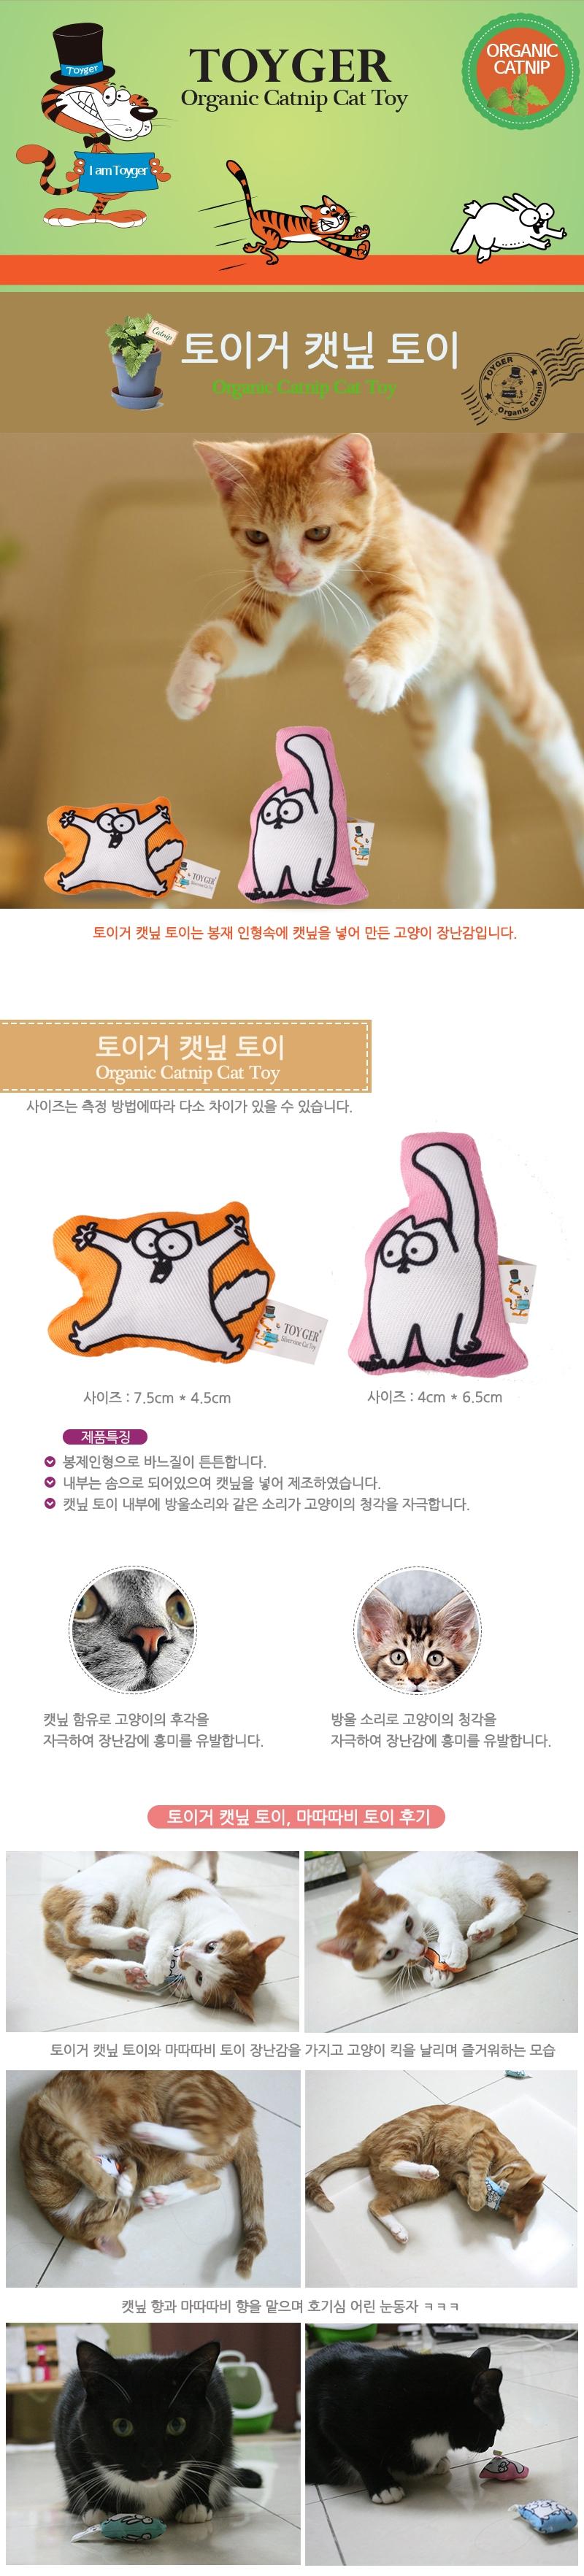 토이거 캣닢 토이 고양이 장난감 - 토이거, 2,380원, 장난감, 캣닢 장난감